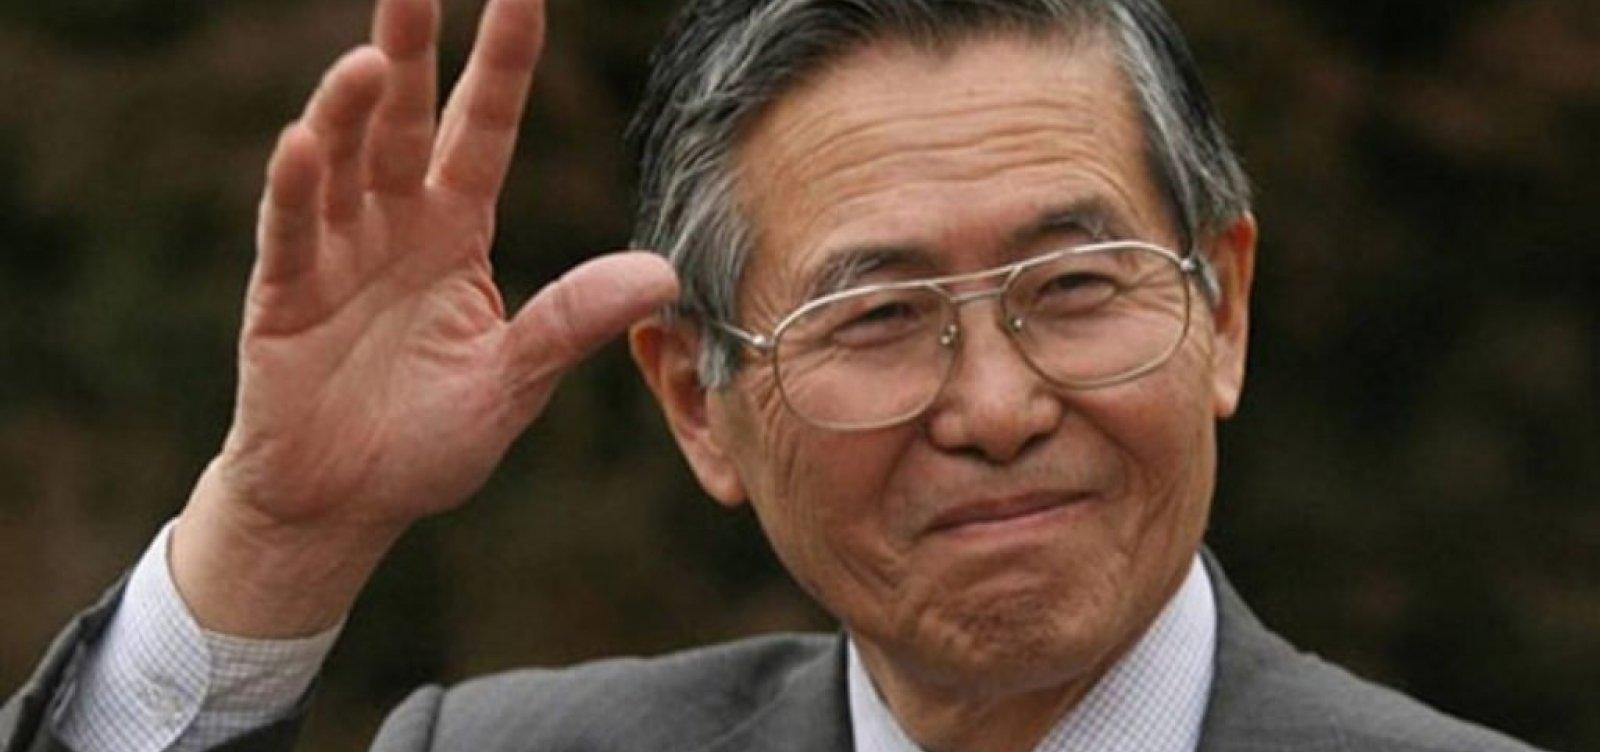 [Supremo do Peru anula indulto humanitário a ex-presidente]